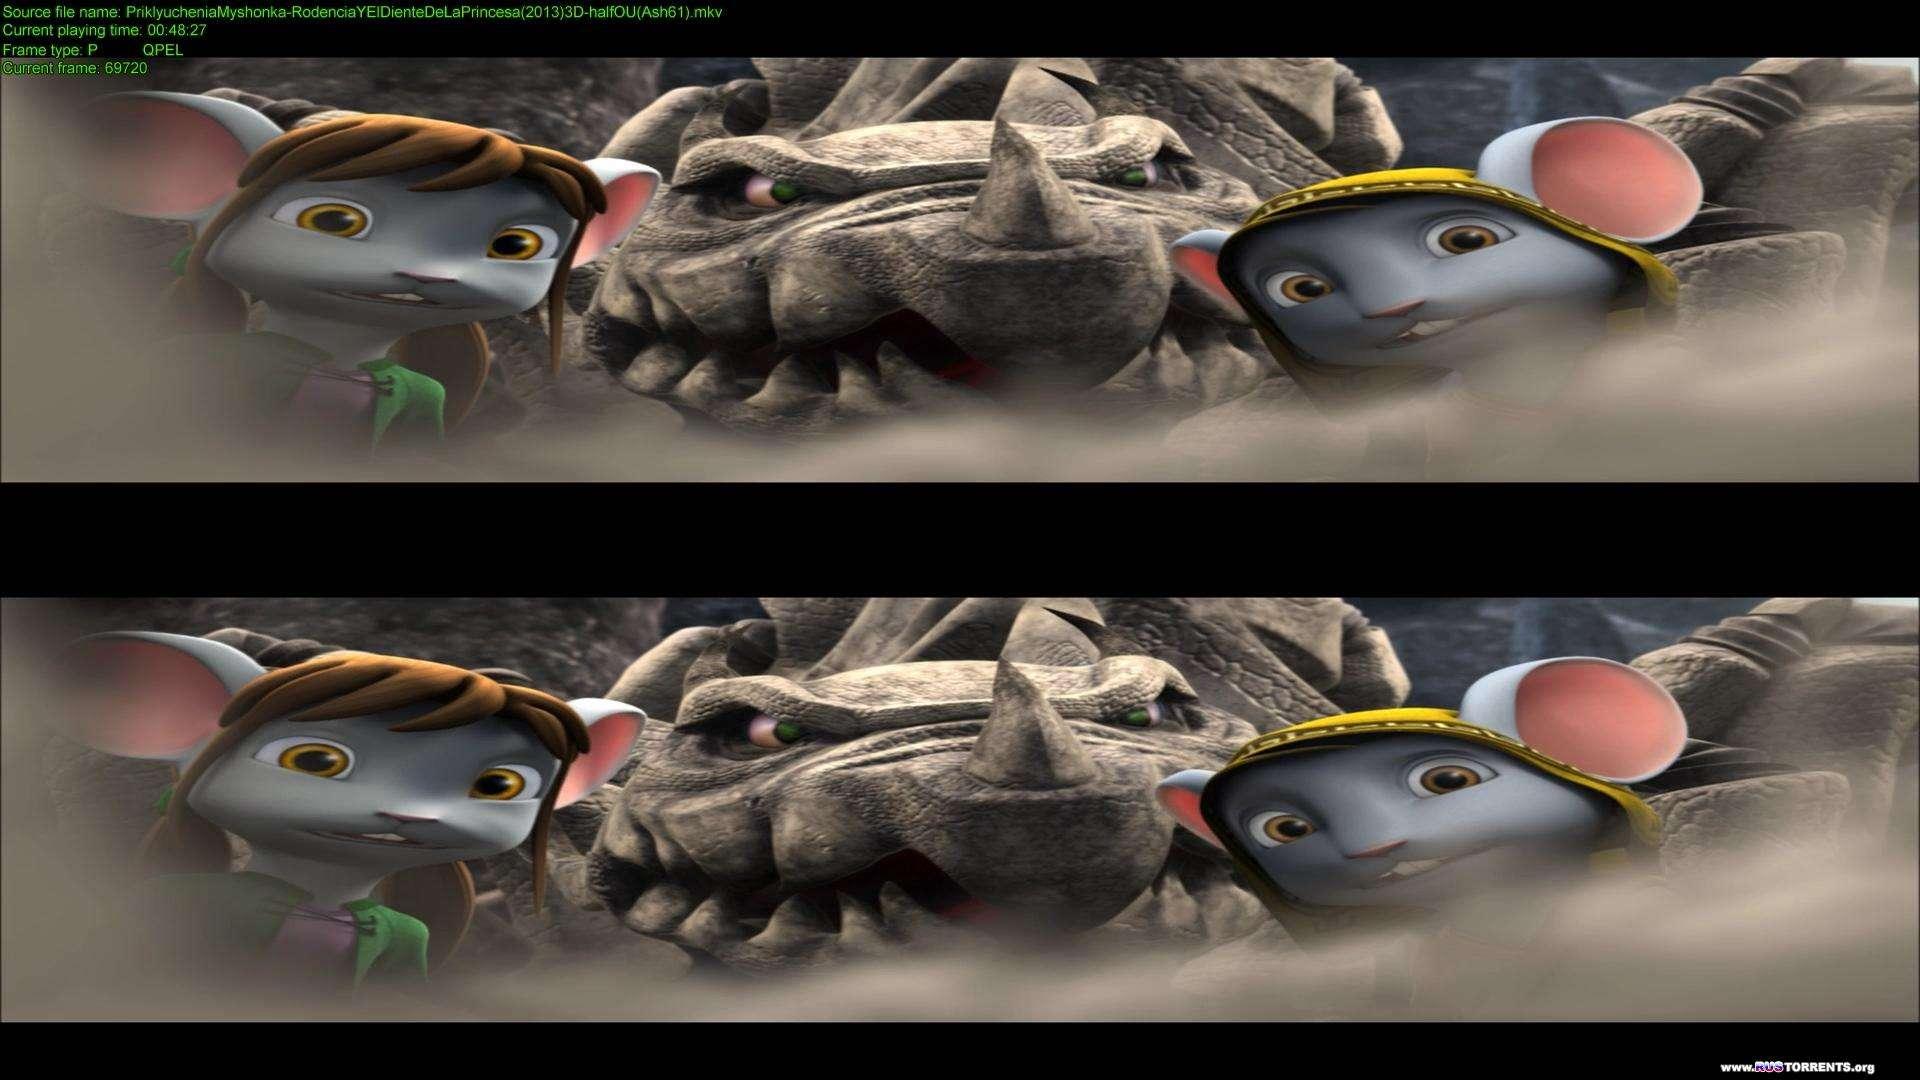 Приключения мышонка | BDRip 1080p | 3D-Video | halfOU